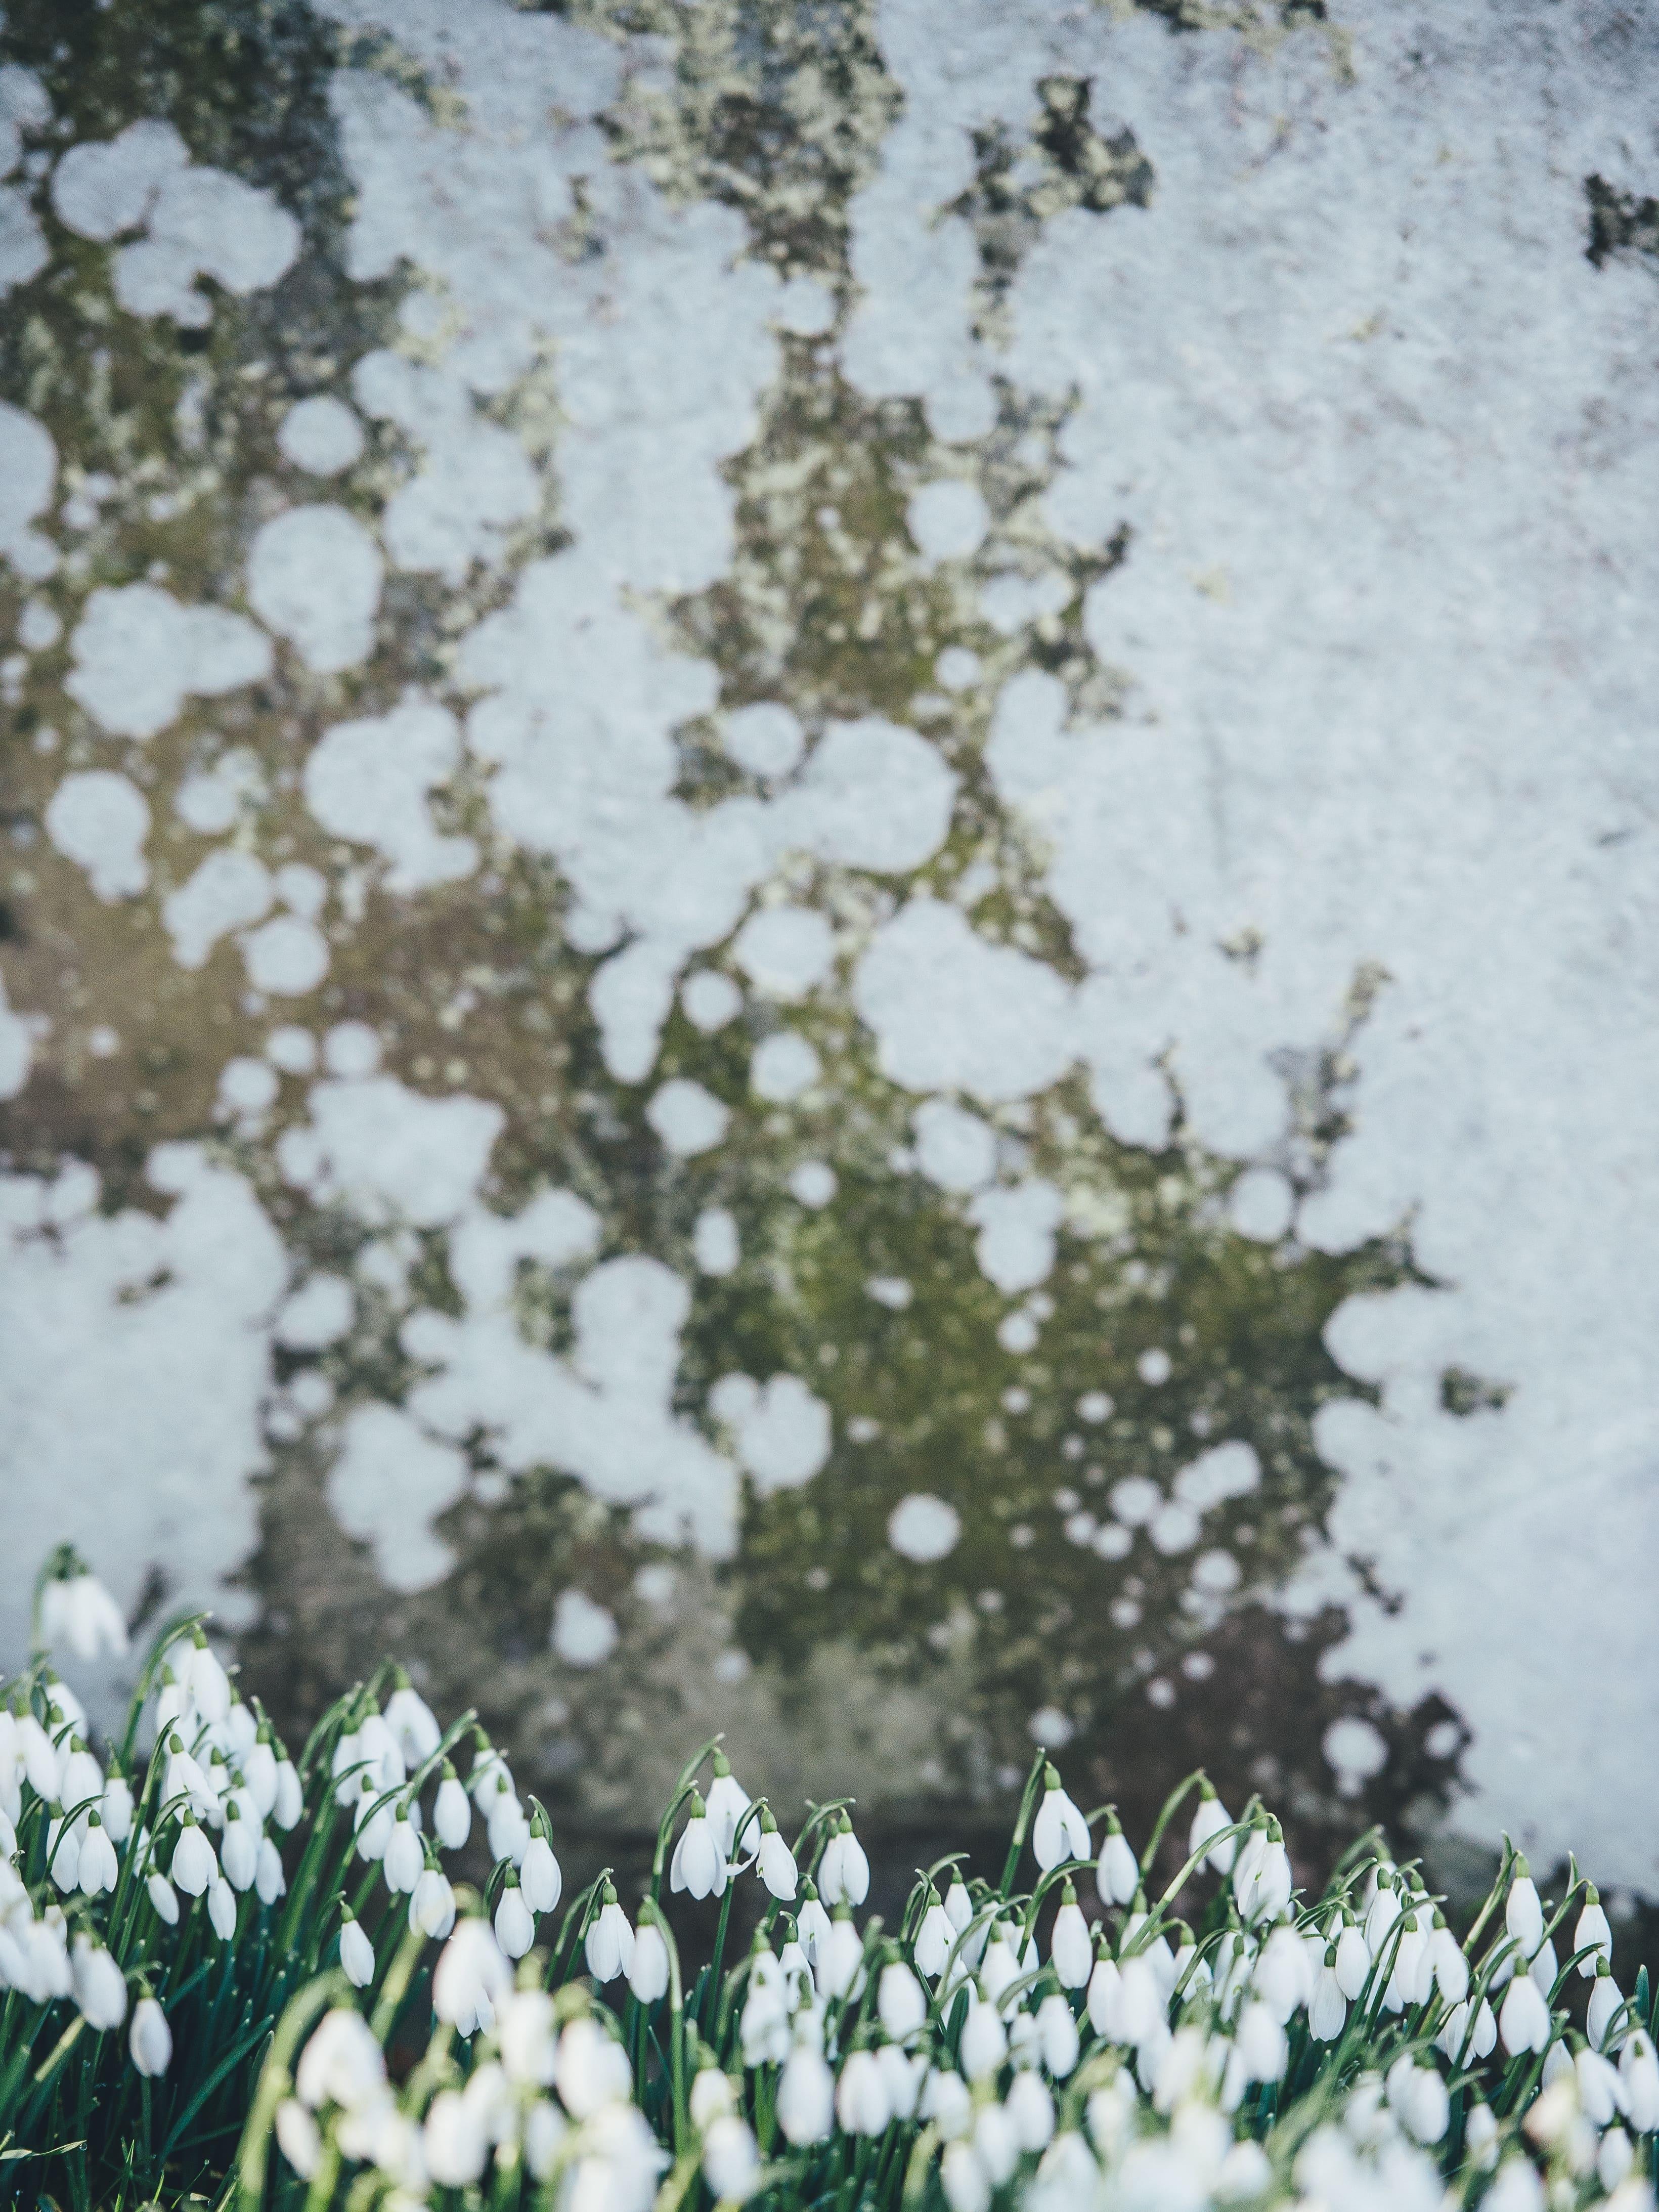 Egy felfrissítő gyógyüdülés Hajdúszoboszlón nagyszerűen felvezetheti tavaszt! Mutatom, hogyan.